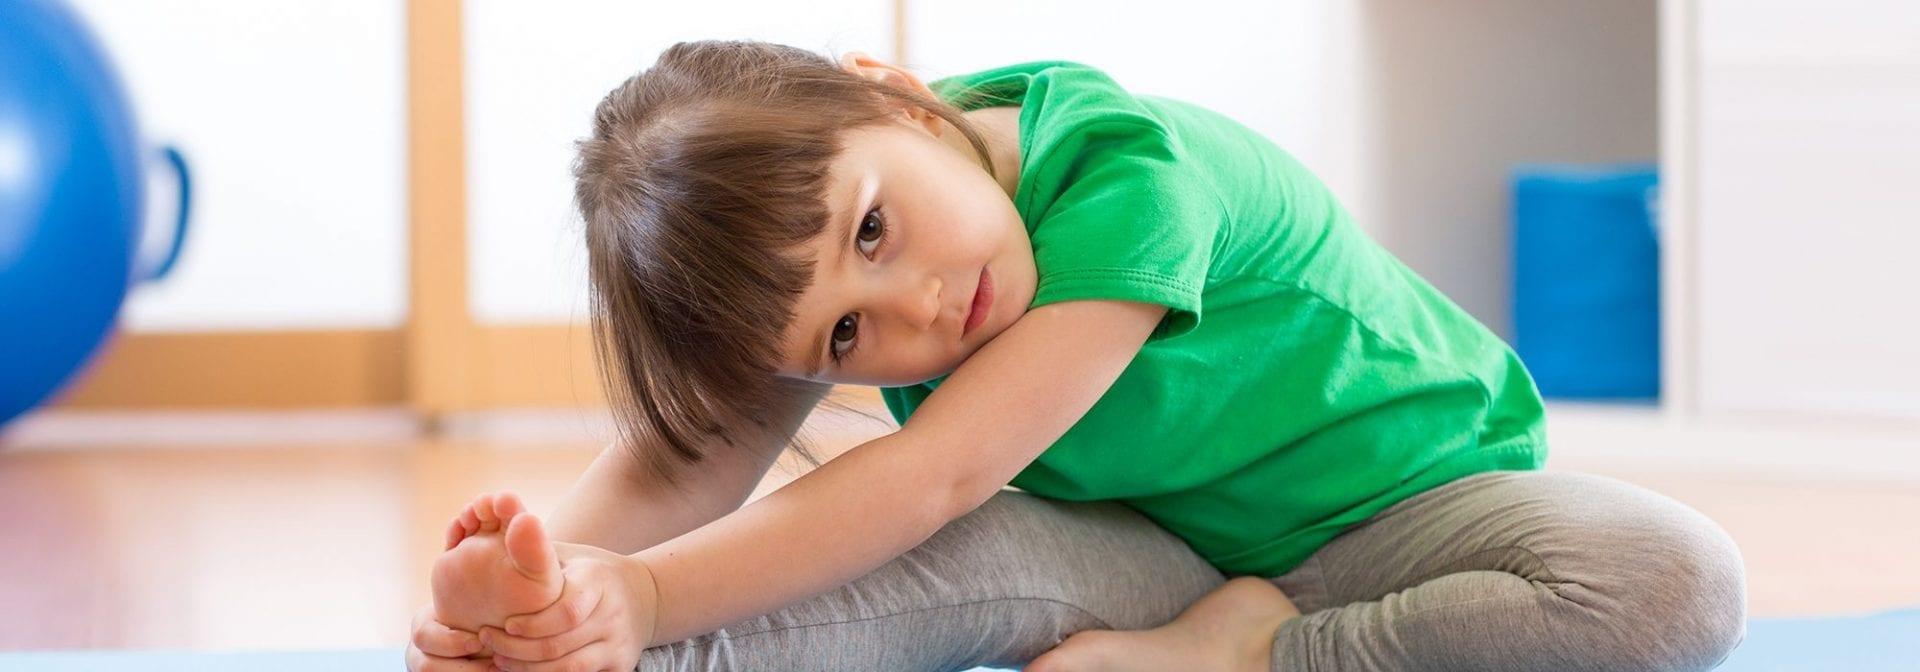 preschool gym e1552494843106